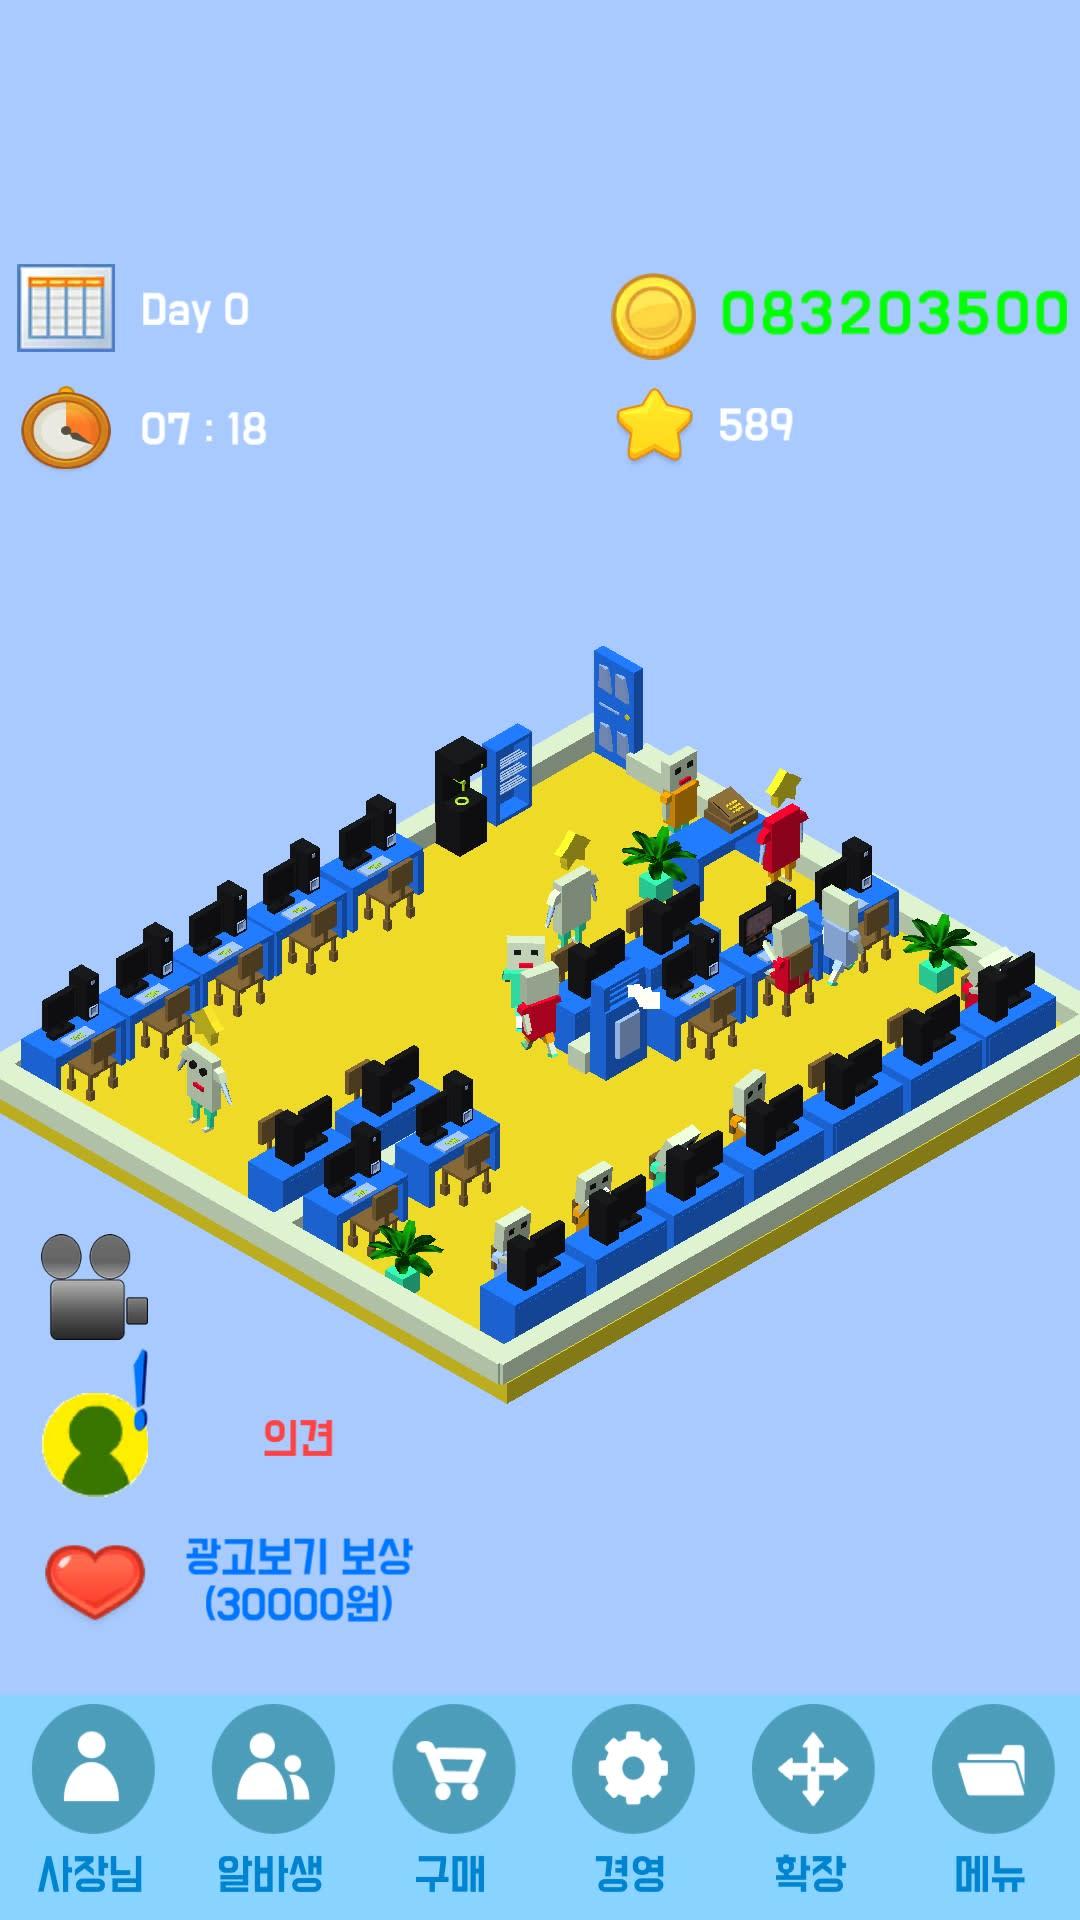 [Game] 김선임의 게임 개발 도전기 ③ - 또 다른 게임을 만들면서...  style=